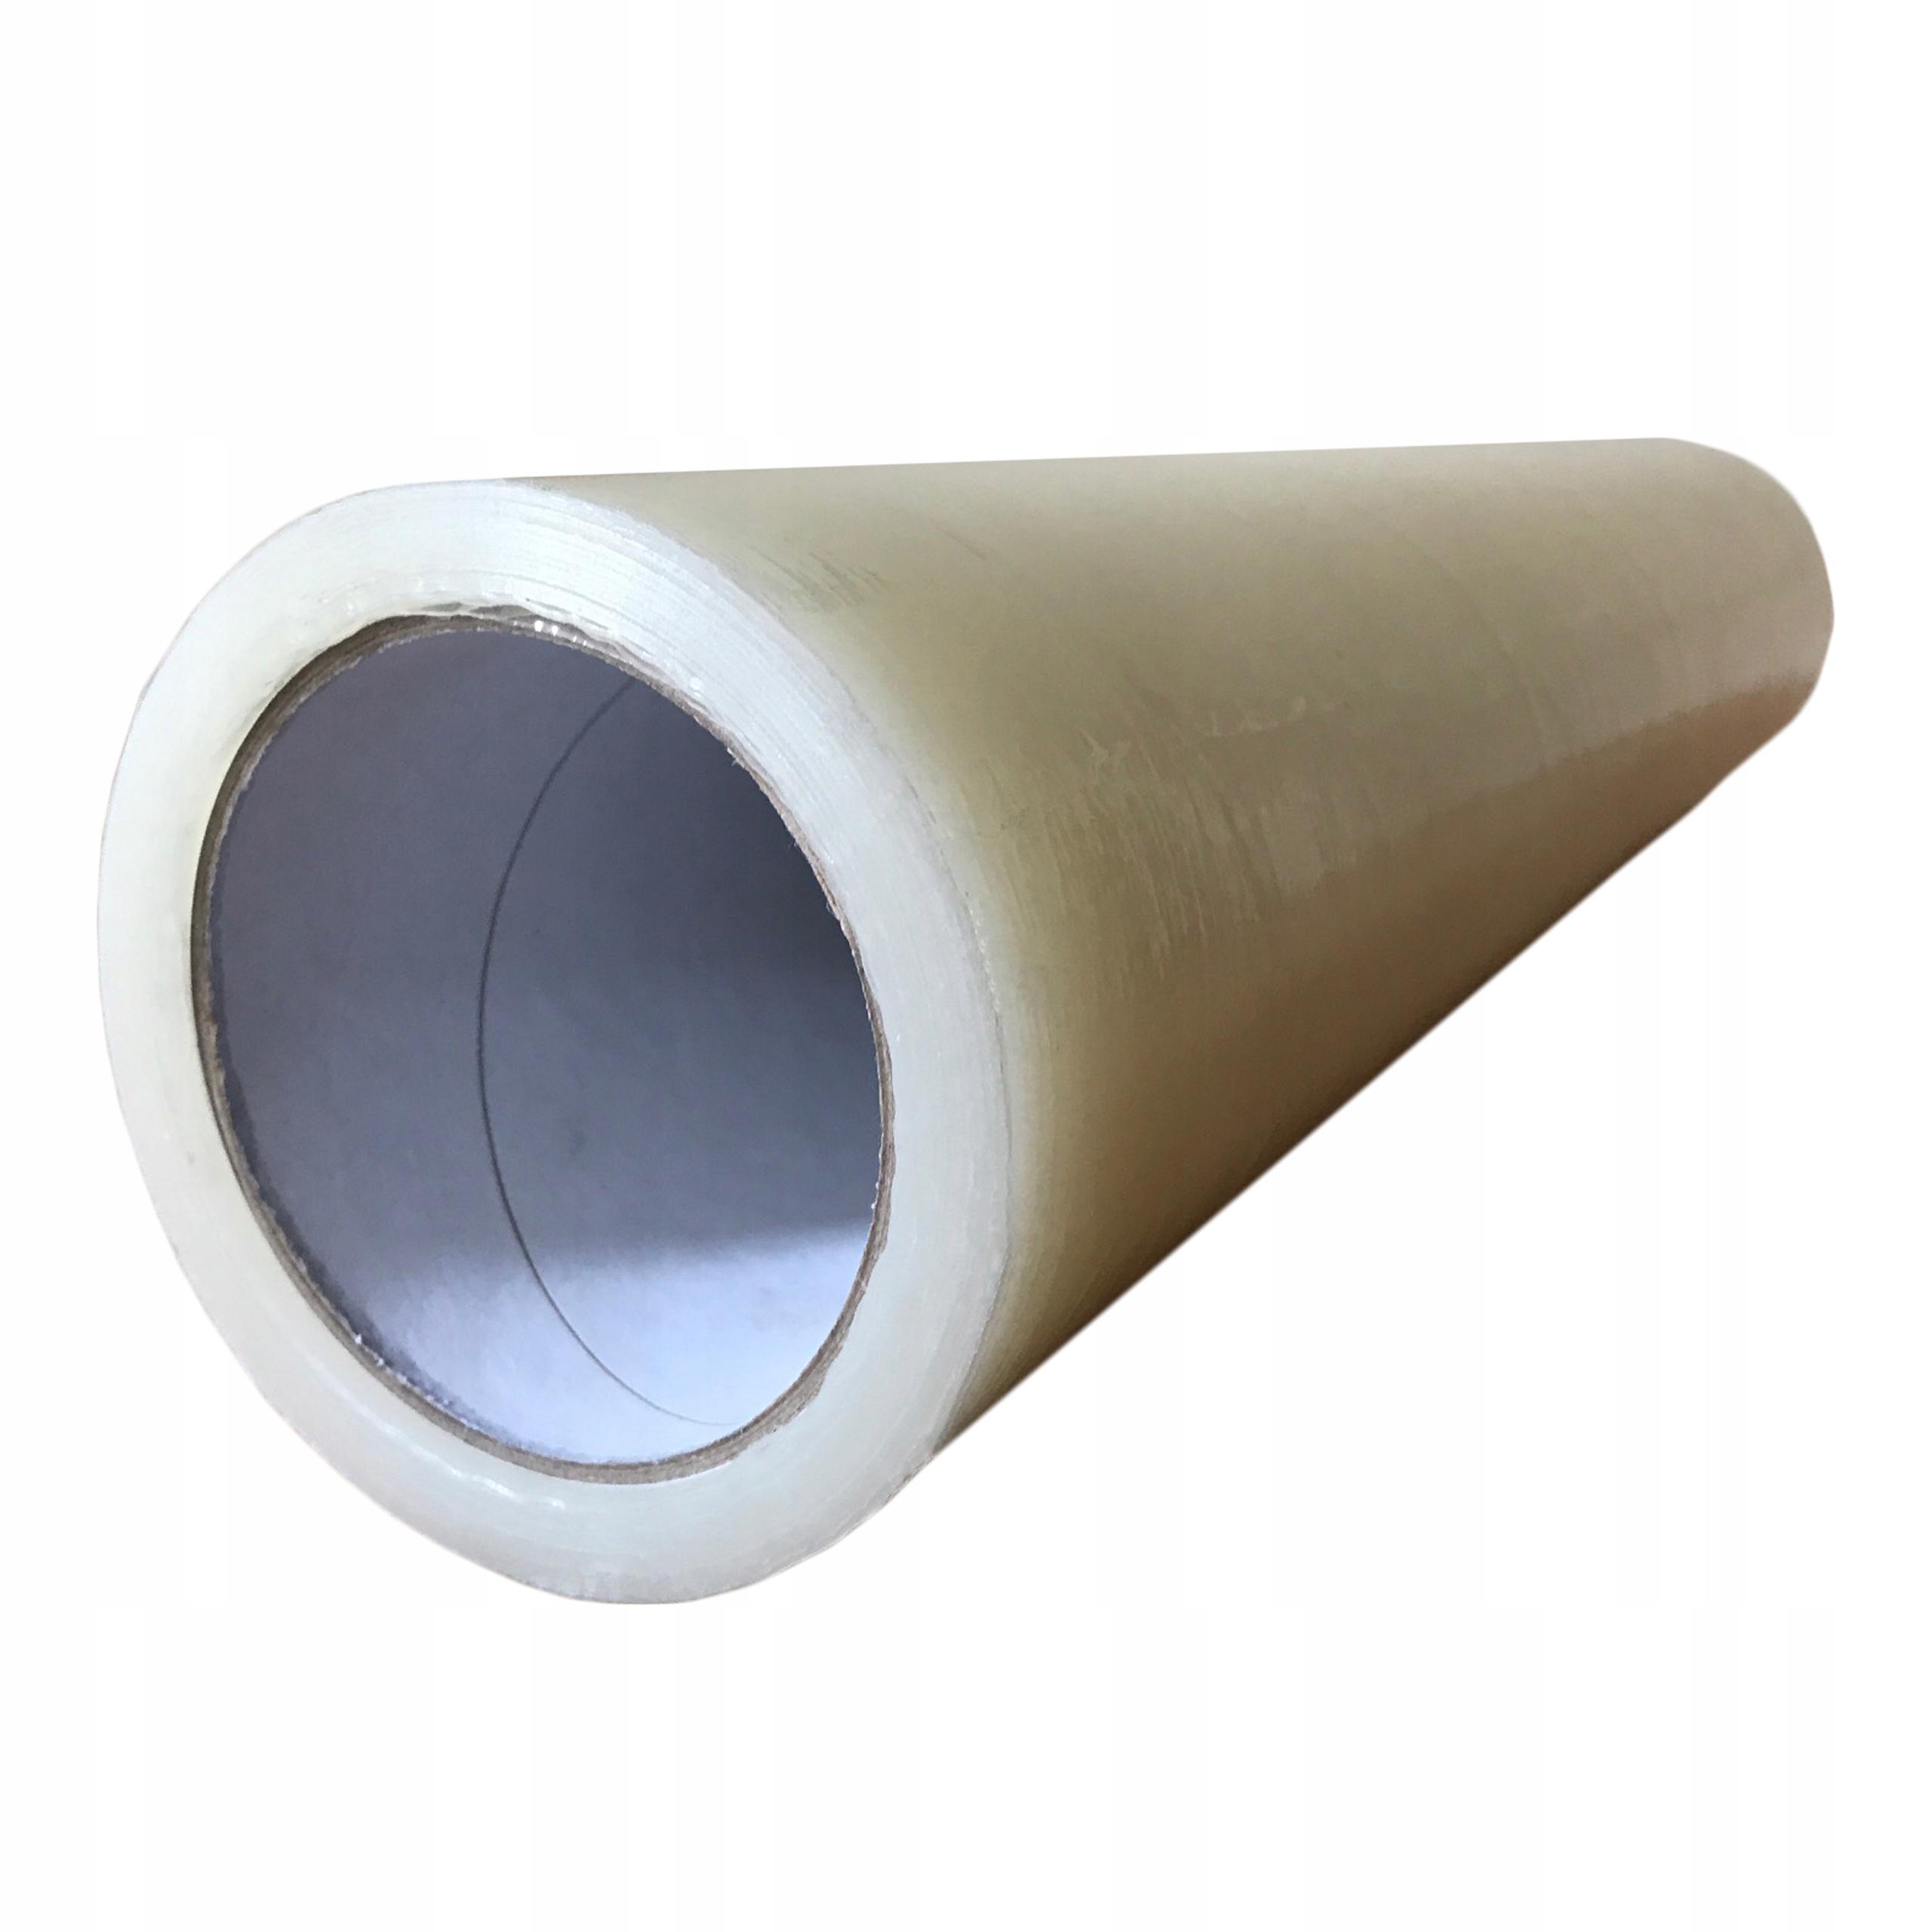 Самоклеющаяся прозрачная пленка 50 смх110мб